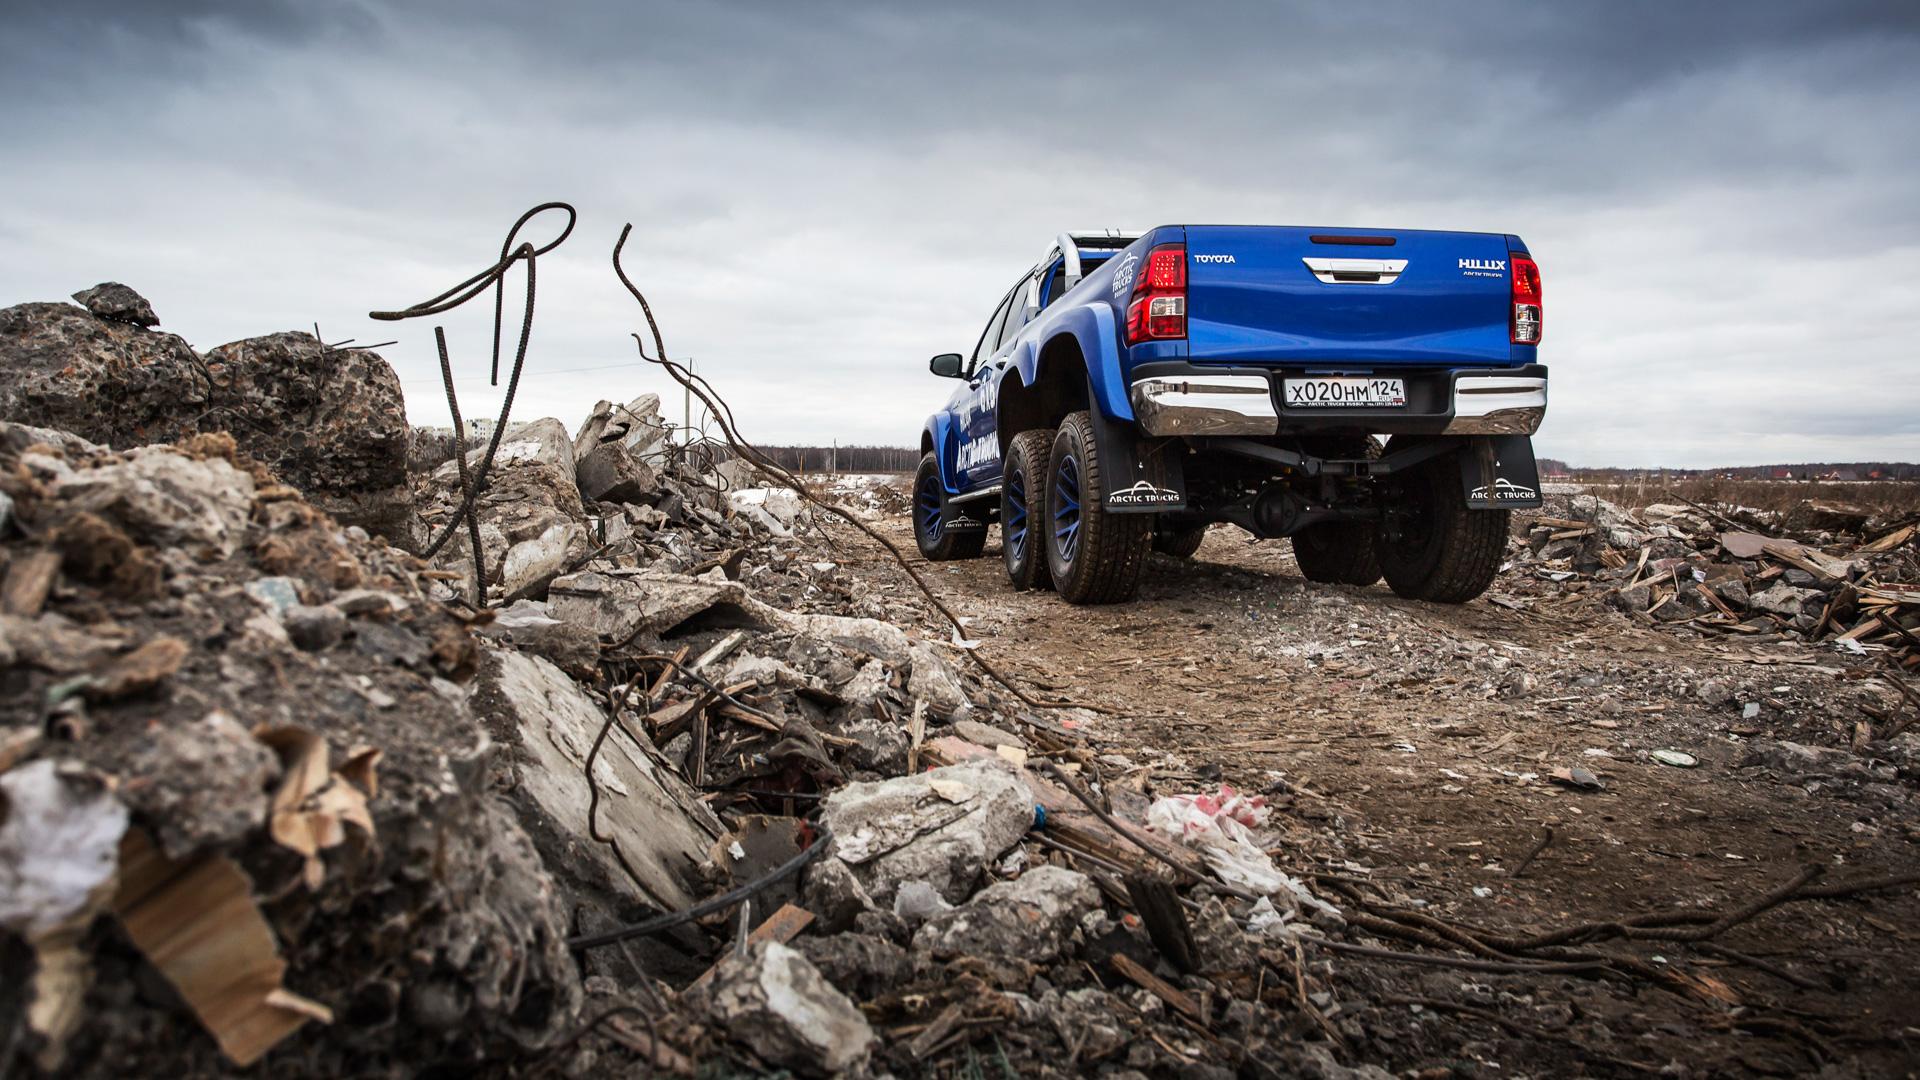 Испытываем «арктические» пикапы Toyota Hilux, укоторых 10 колес надвоих. Фото 6